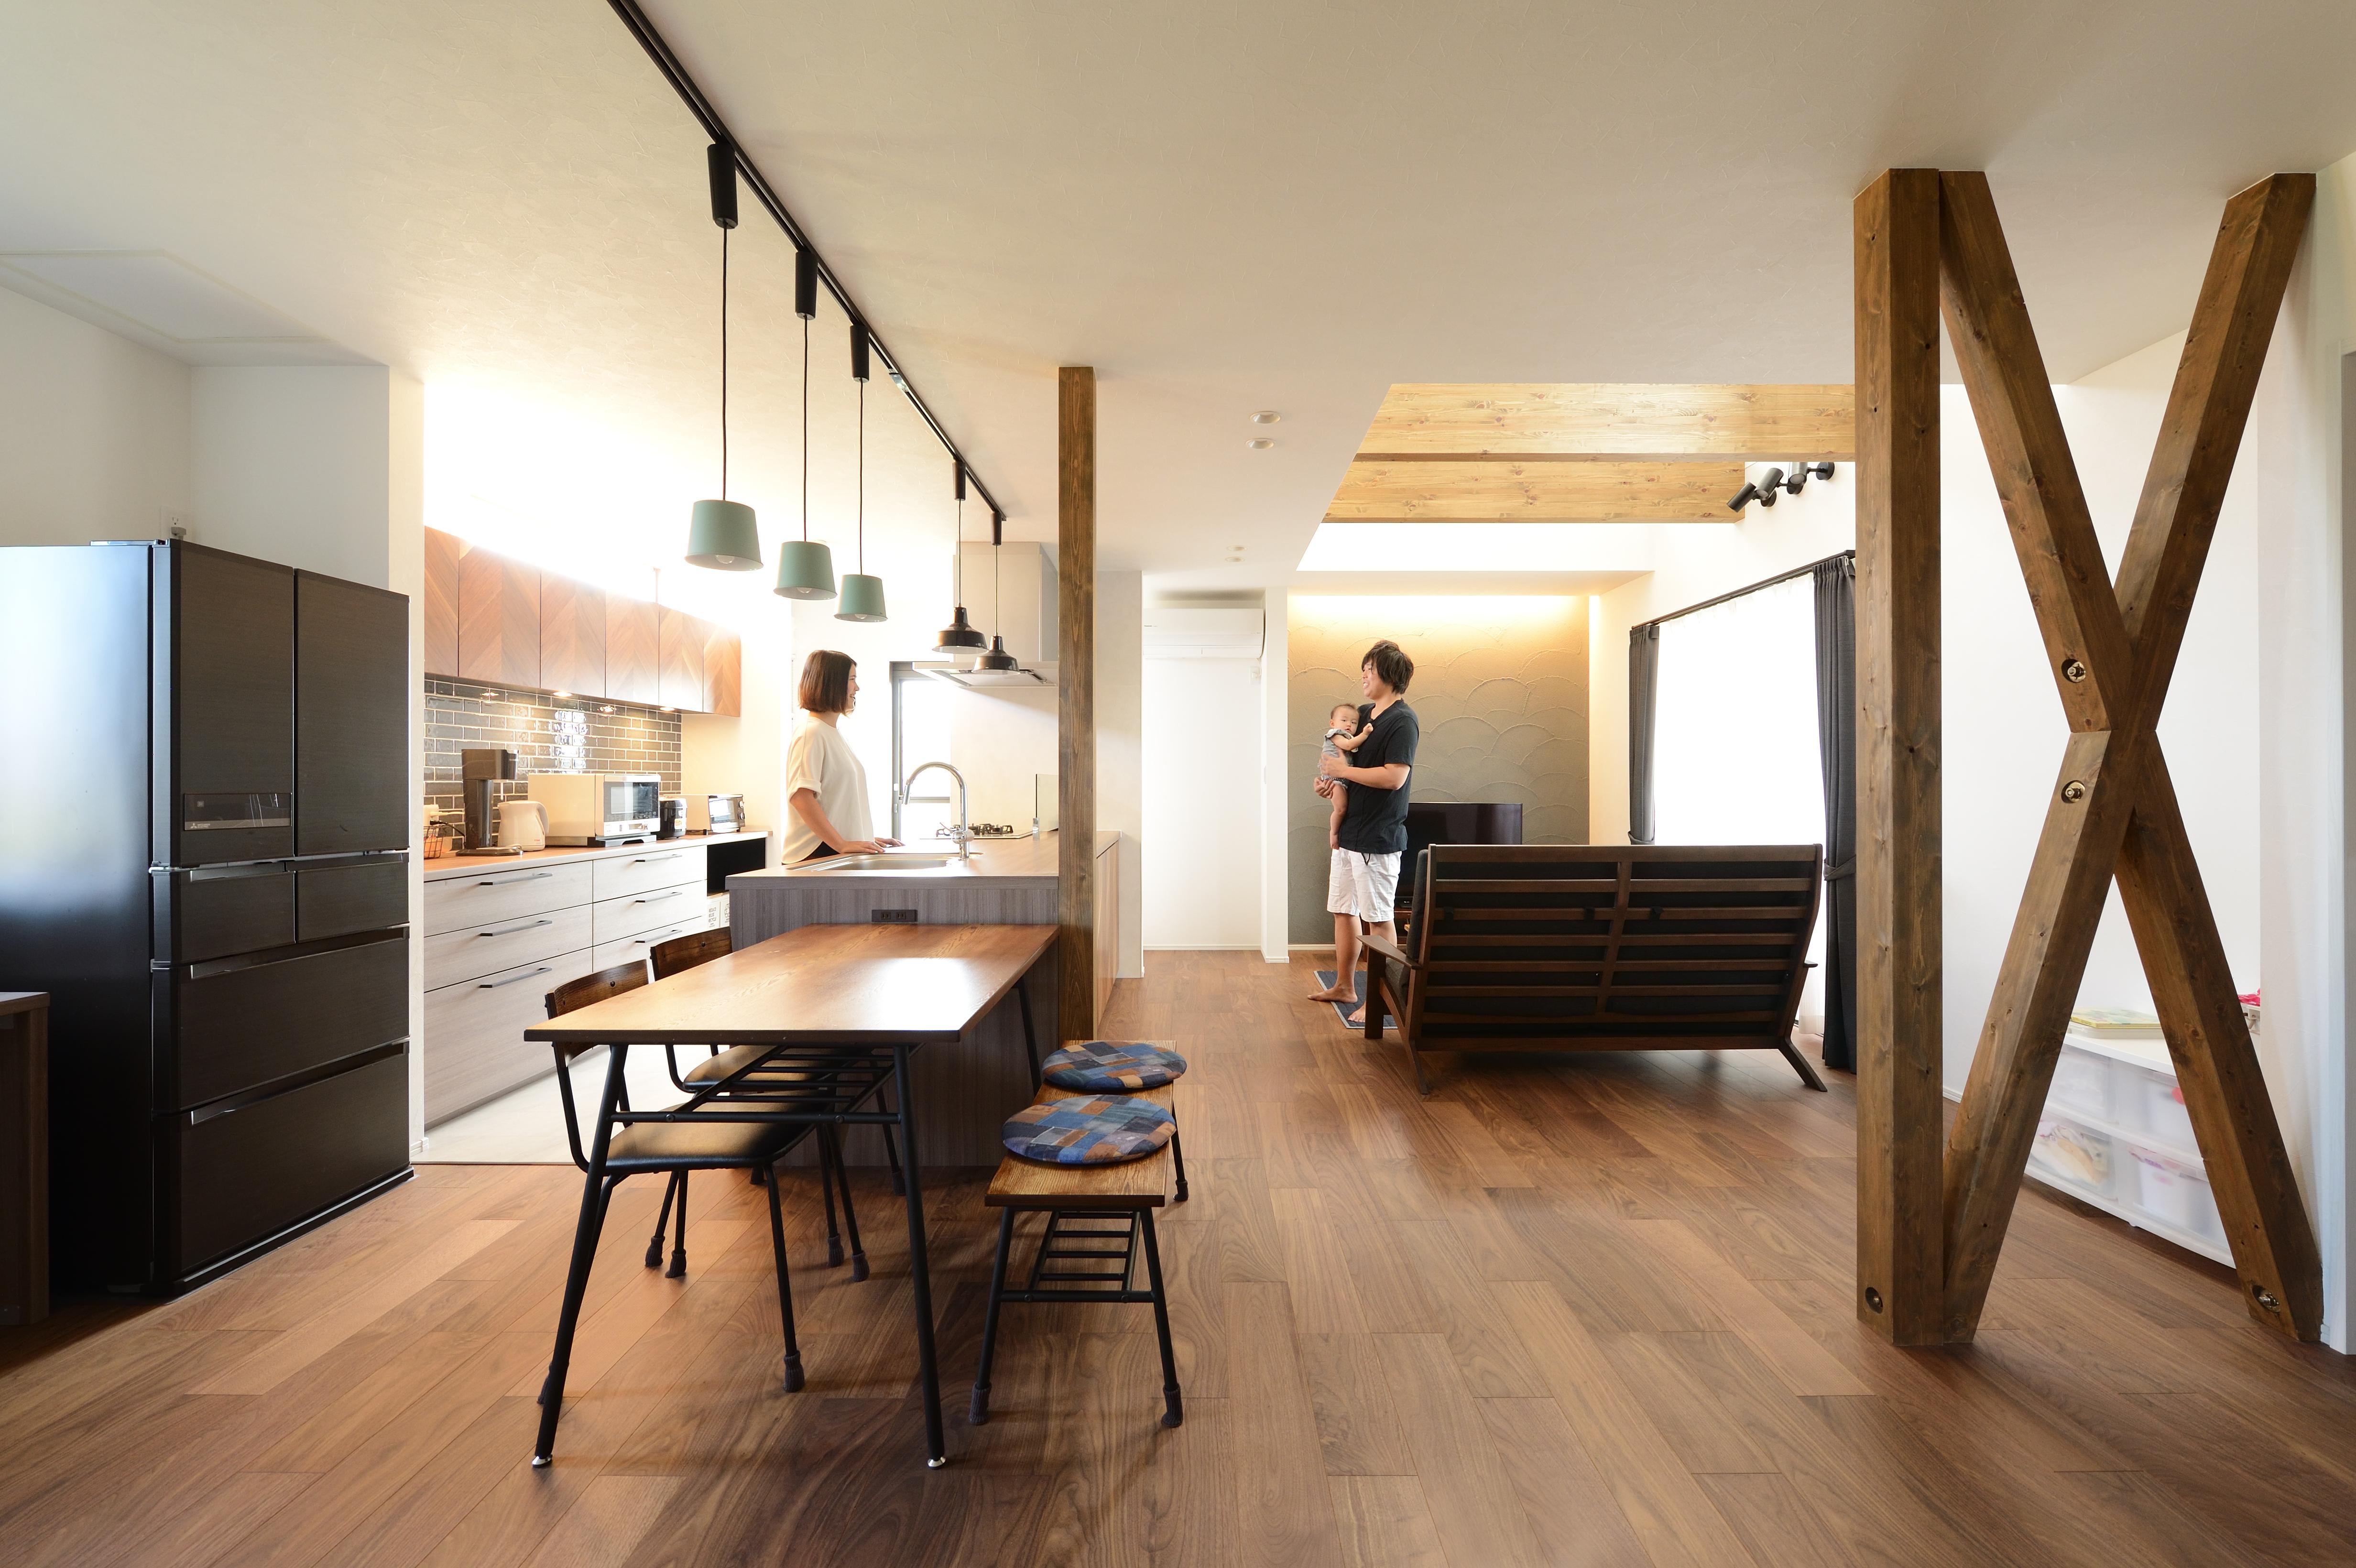 アルファホーム【デザイン住宅、子育て、インテリア】パッと目をひくデザインのキッチンはLDK全体を見渡せる位置に計画。 木目柄を中心としてコーディネートし、特にヘリンボーン柄の扉がポイント。